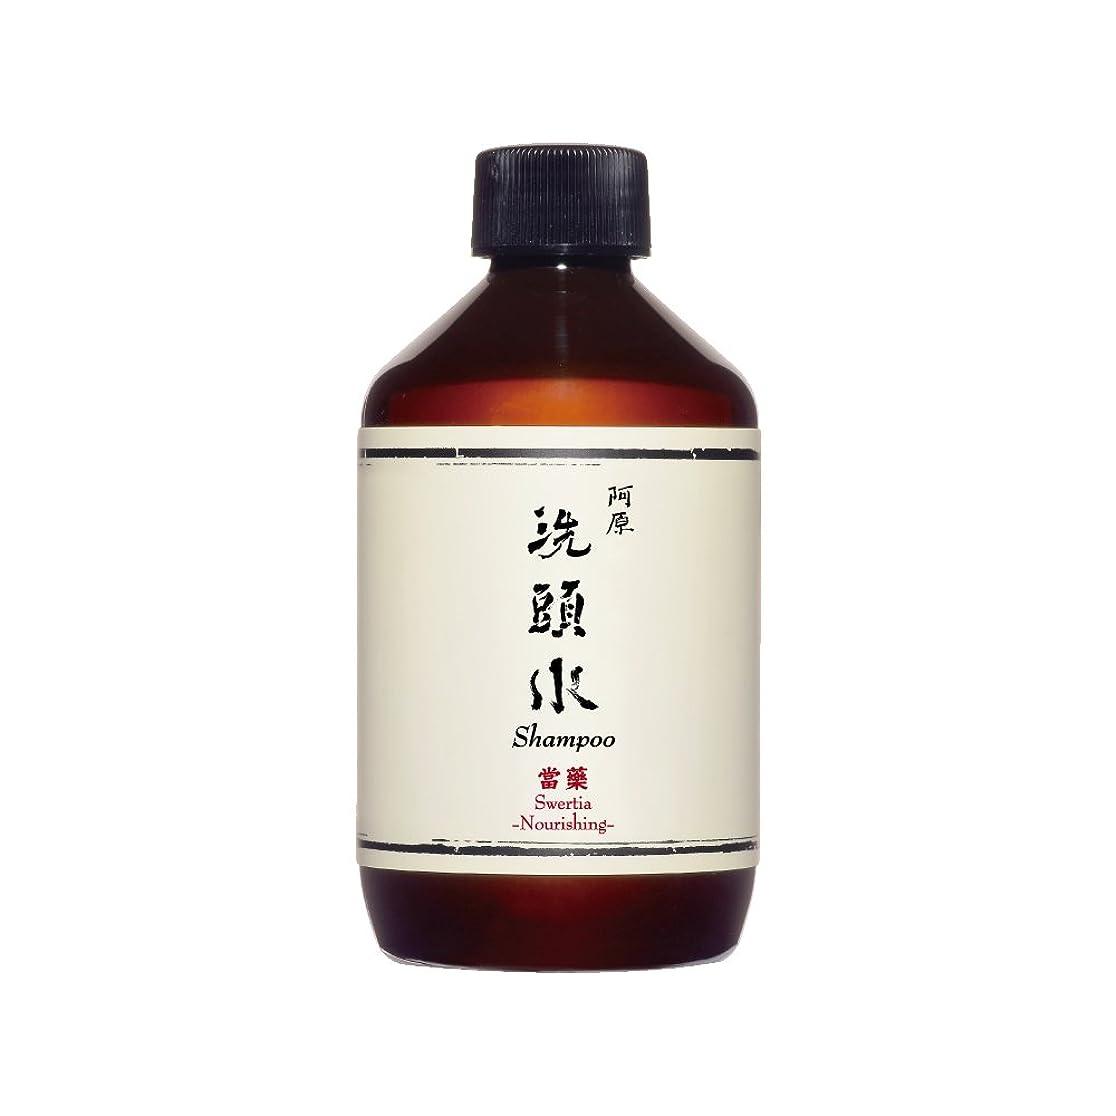 行きゅうり胴体YUAN(ユアン) 當藥(センブリ)スカルプシャンプー 50ml